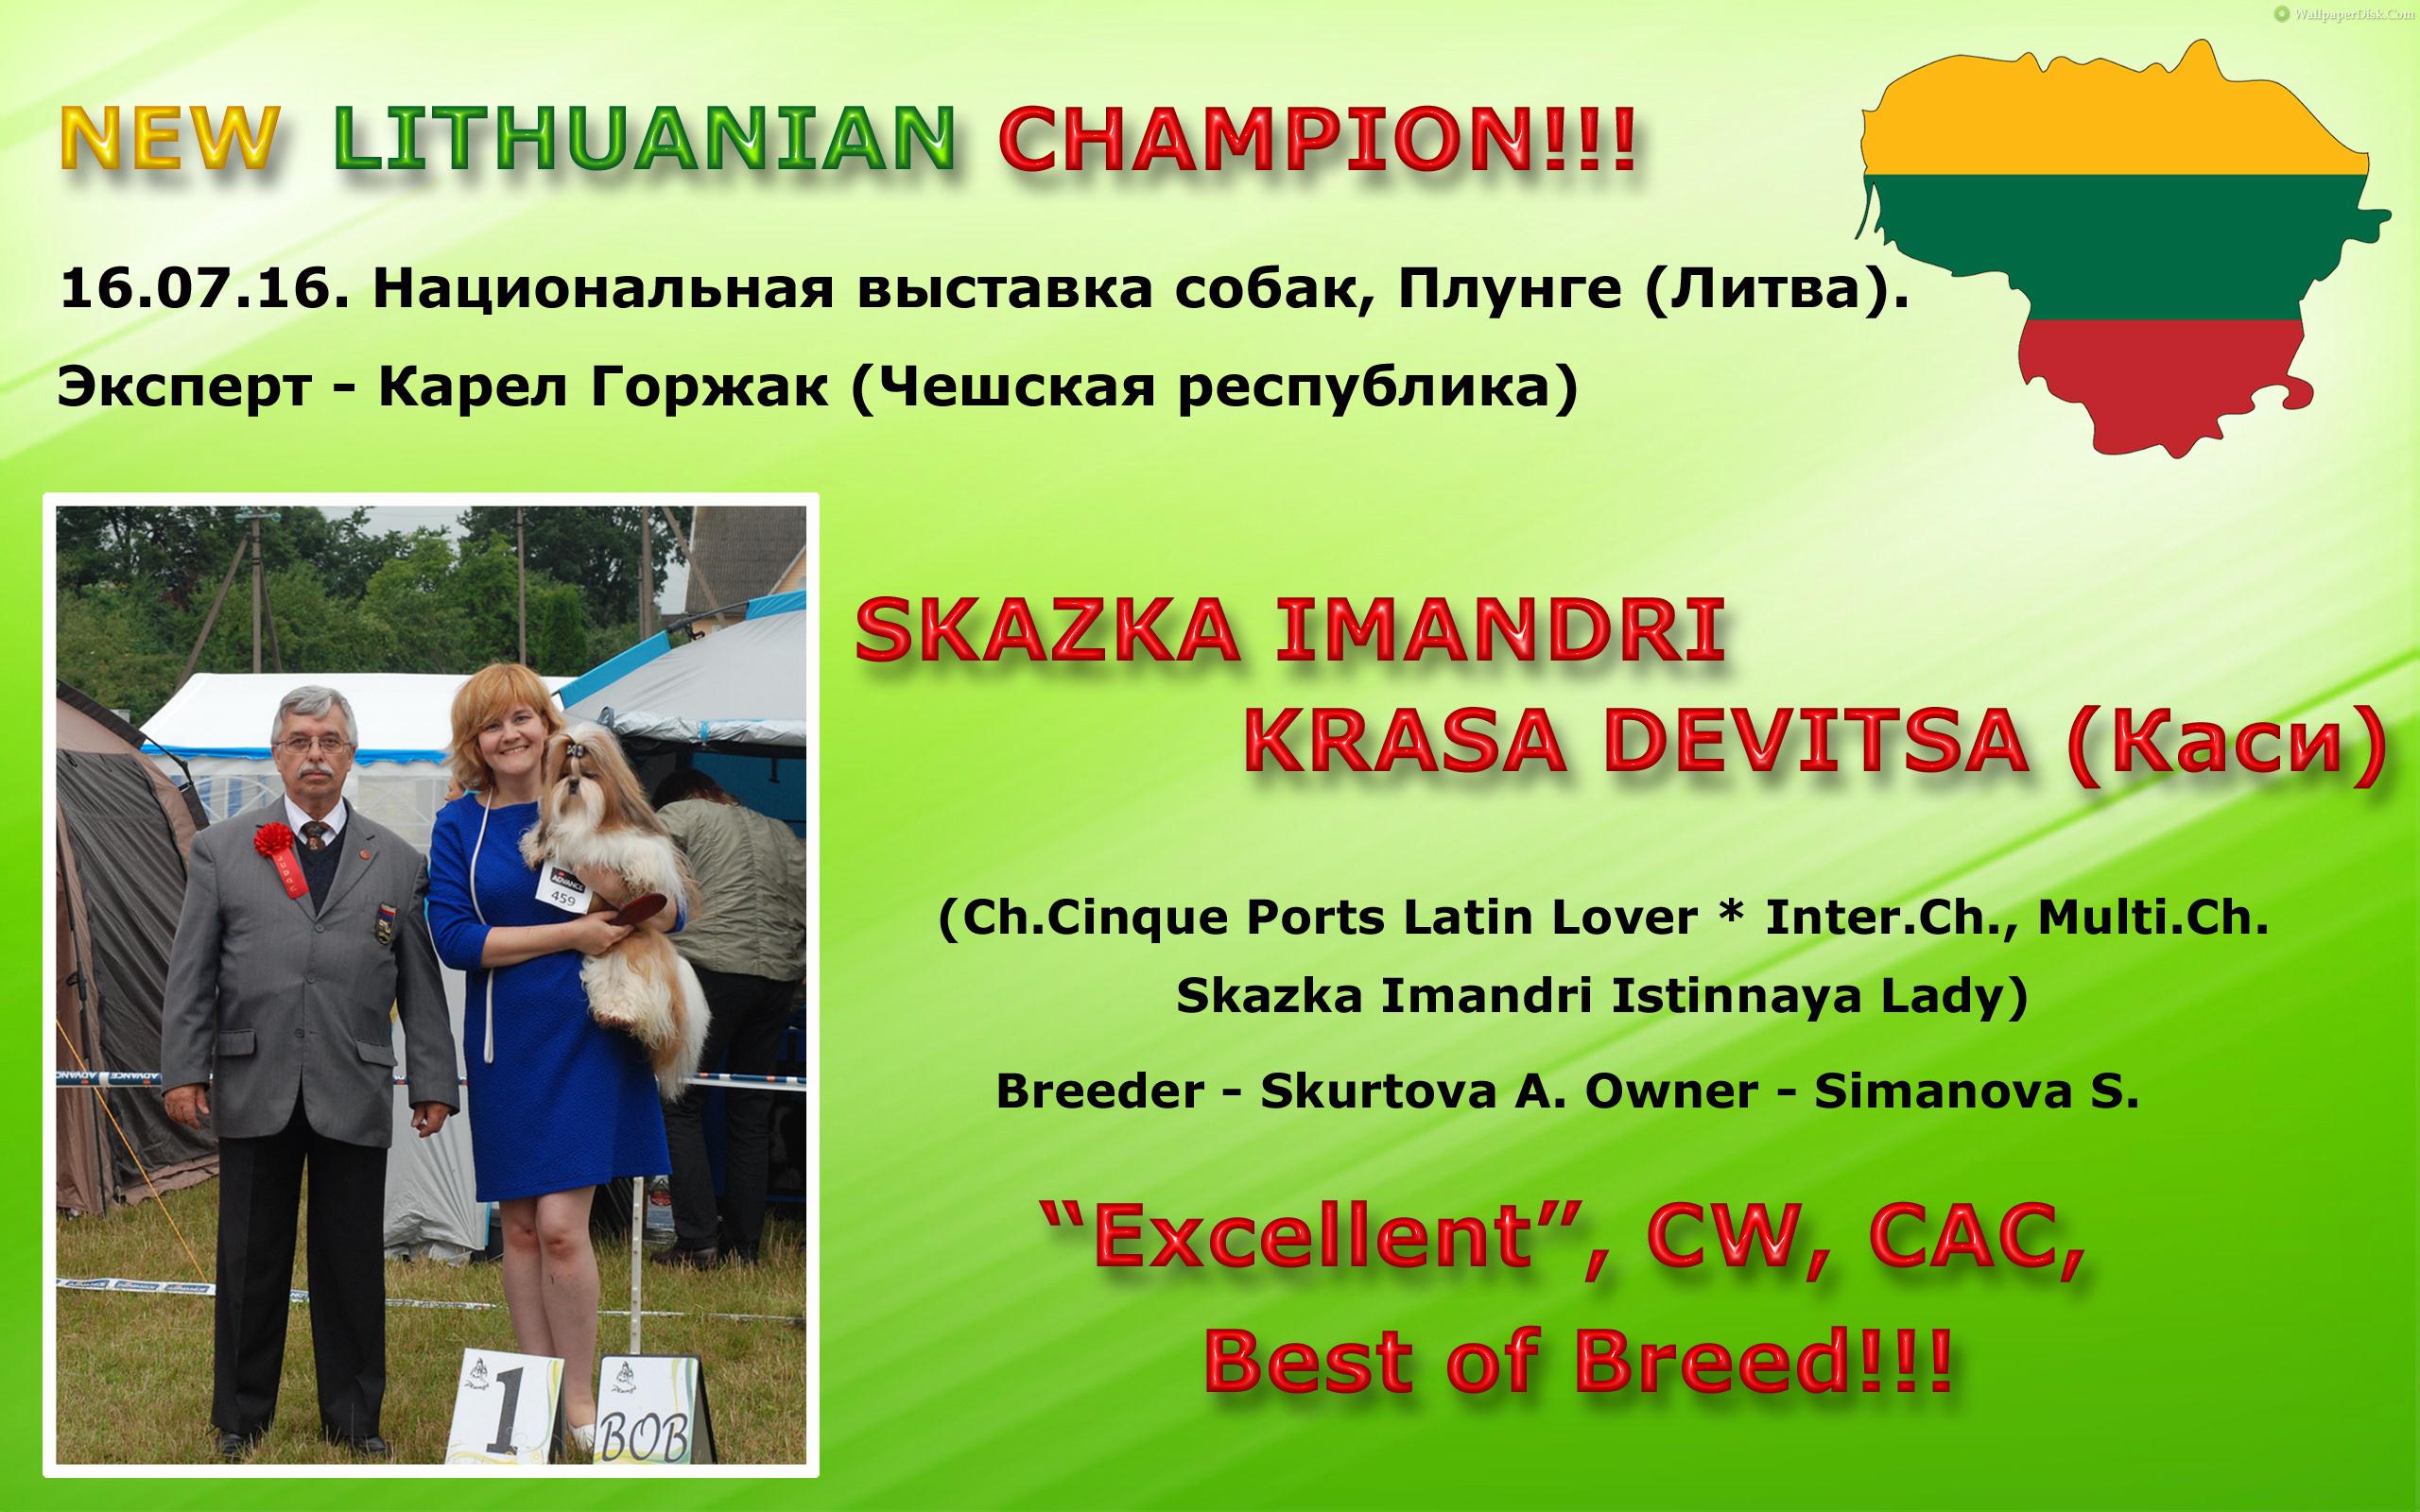 Skazka Imandri Krasa Devitsa (Каси) - Чемпион Литвы!